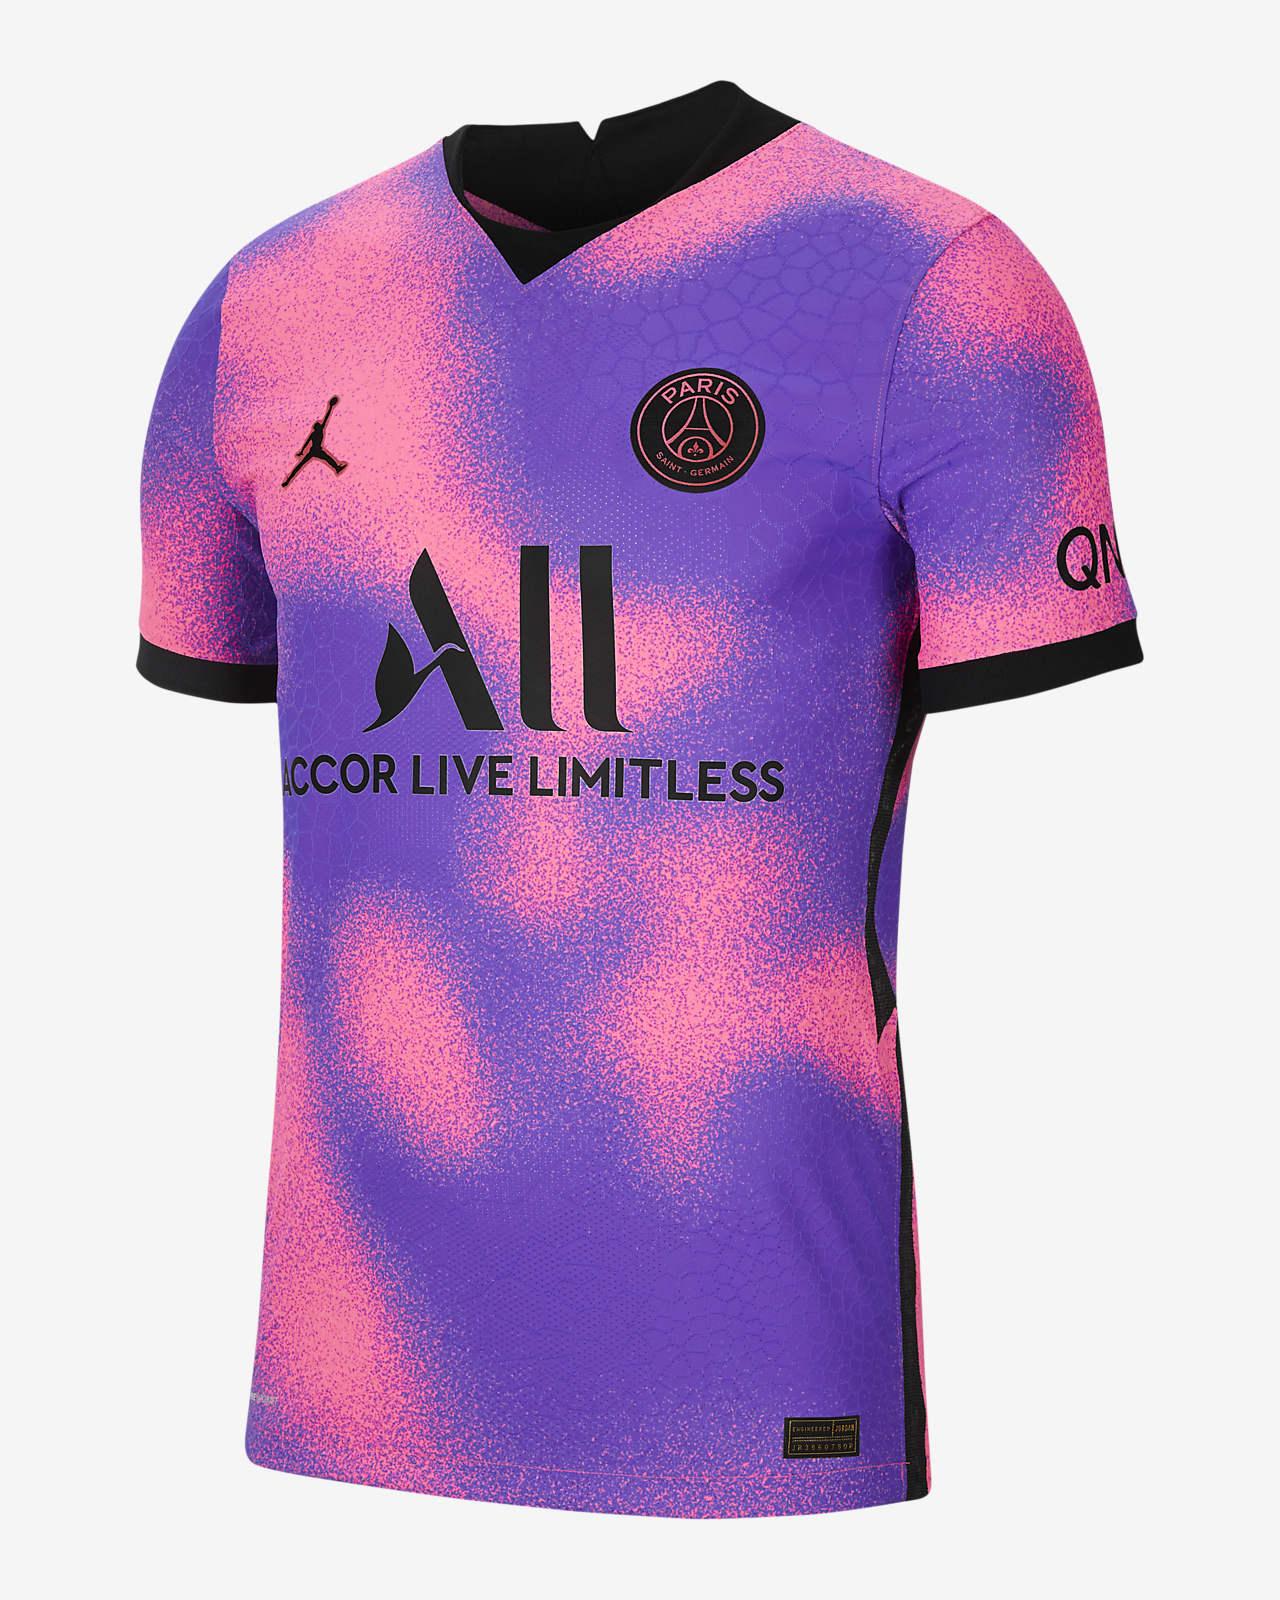 Maglia da calcio Paris Saint-Germain 2021/22 Vapor Match da uomo - Quarta